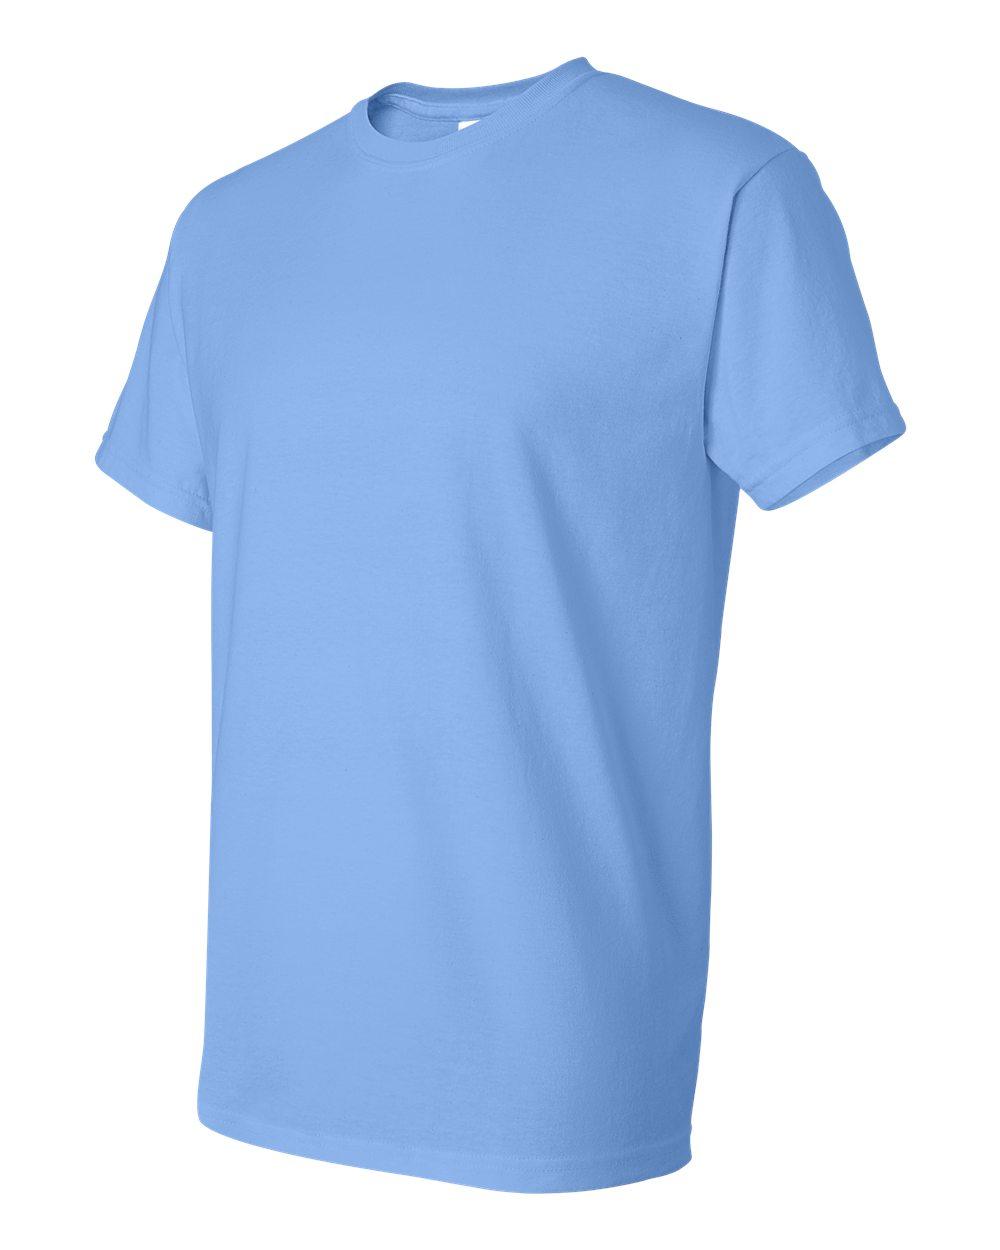 Gildan-Mens-DryBlend-5-6-oz-50-50-T-Shirt-G800-Size-S-5XL thumbnail 14